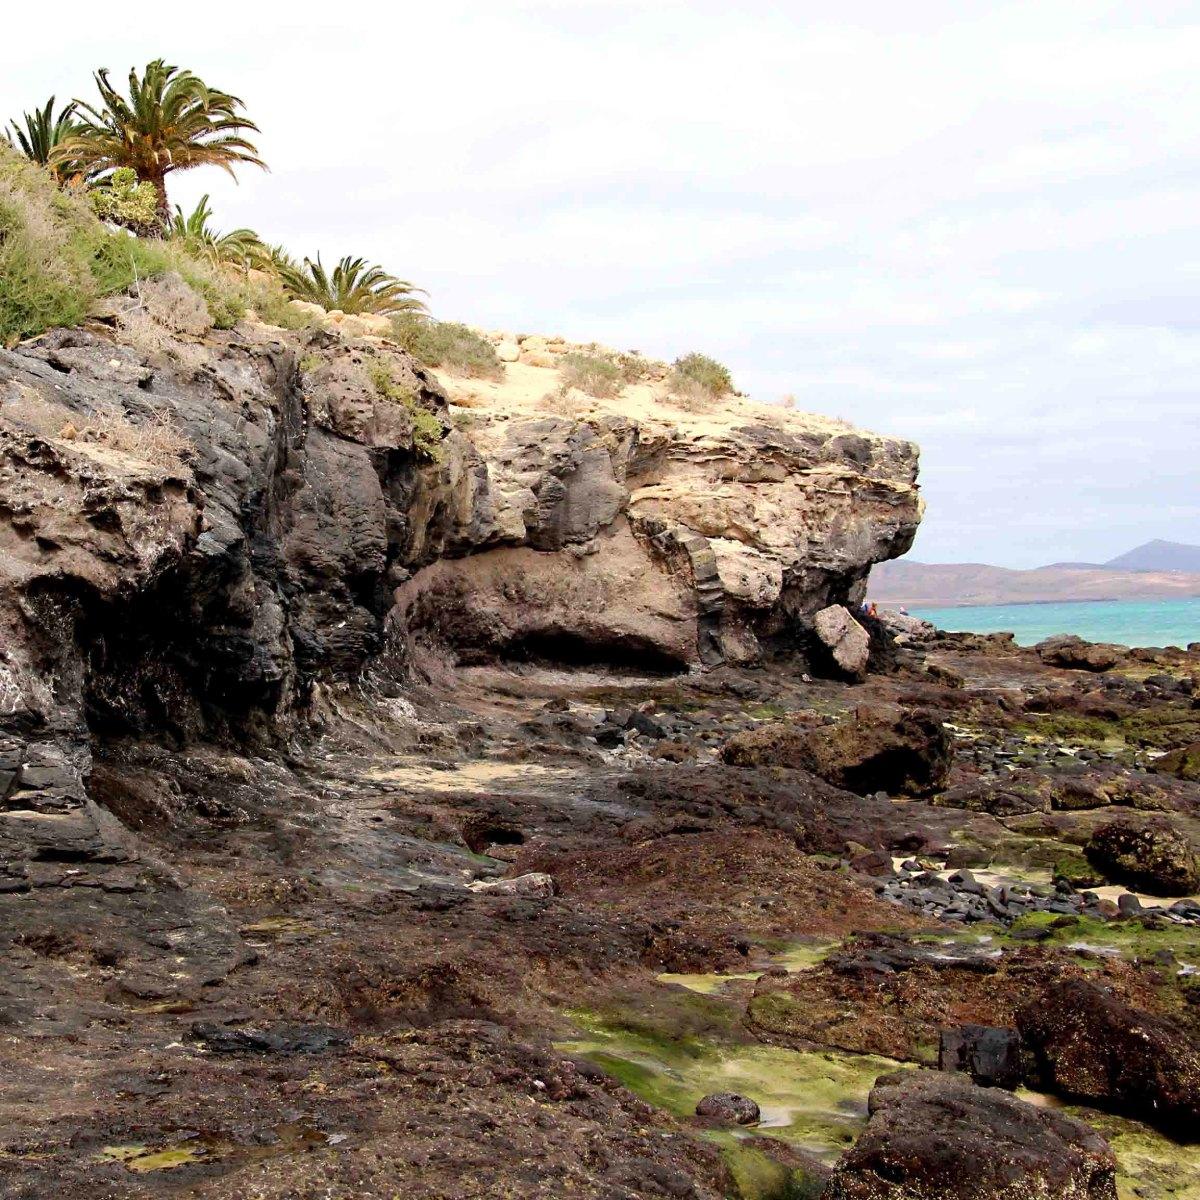 A rocky outcrop at Costa Calma